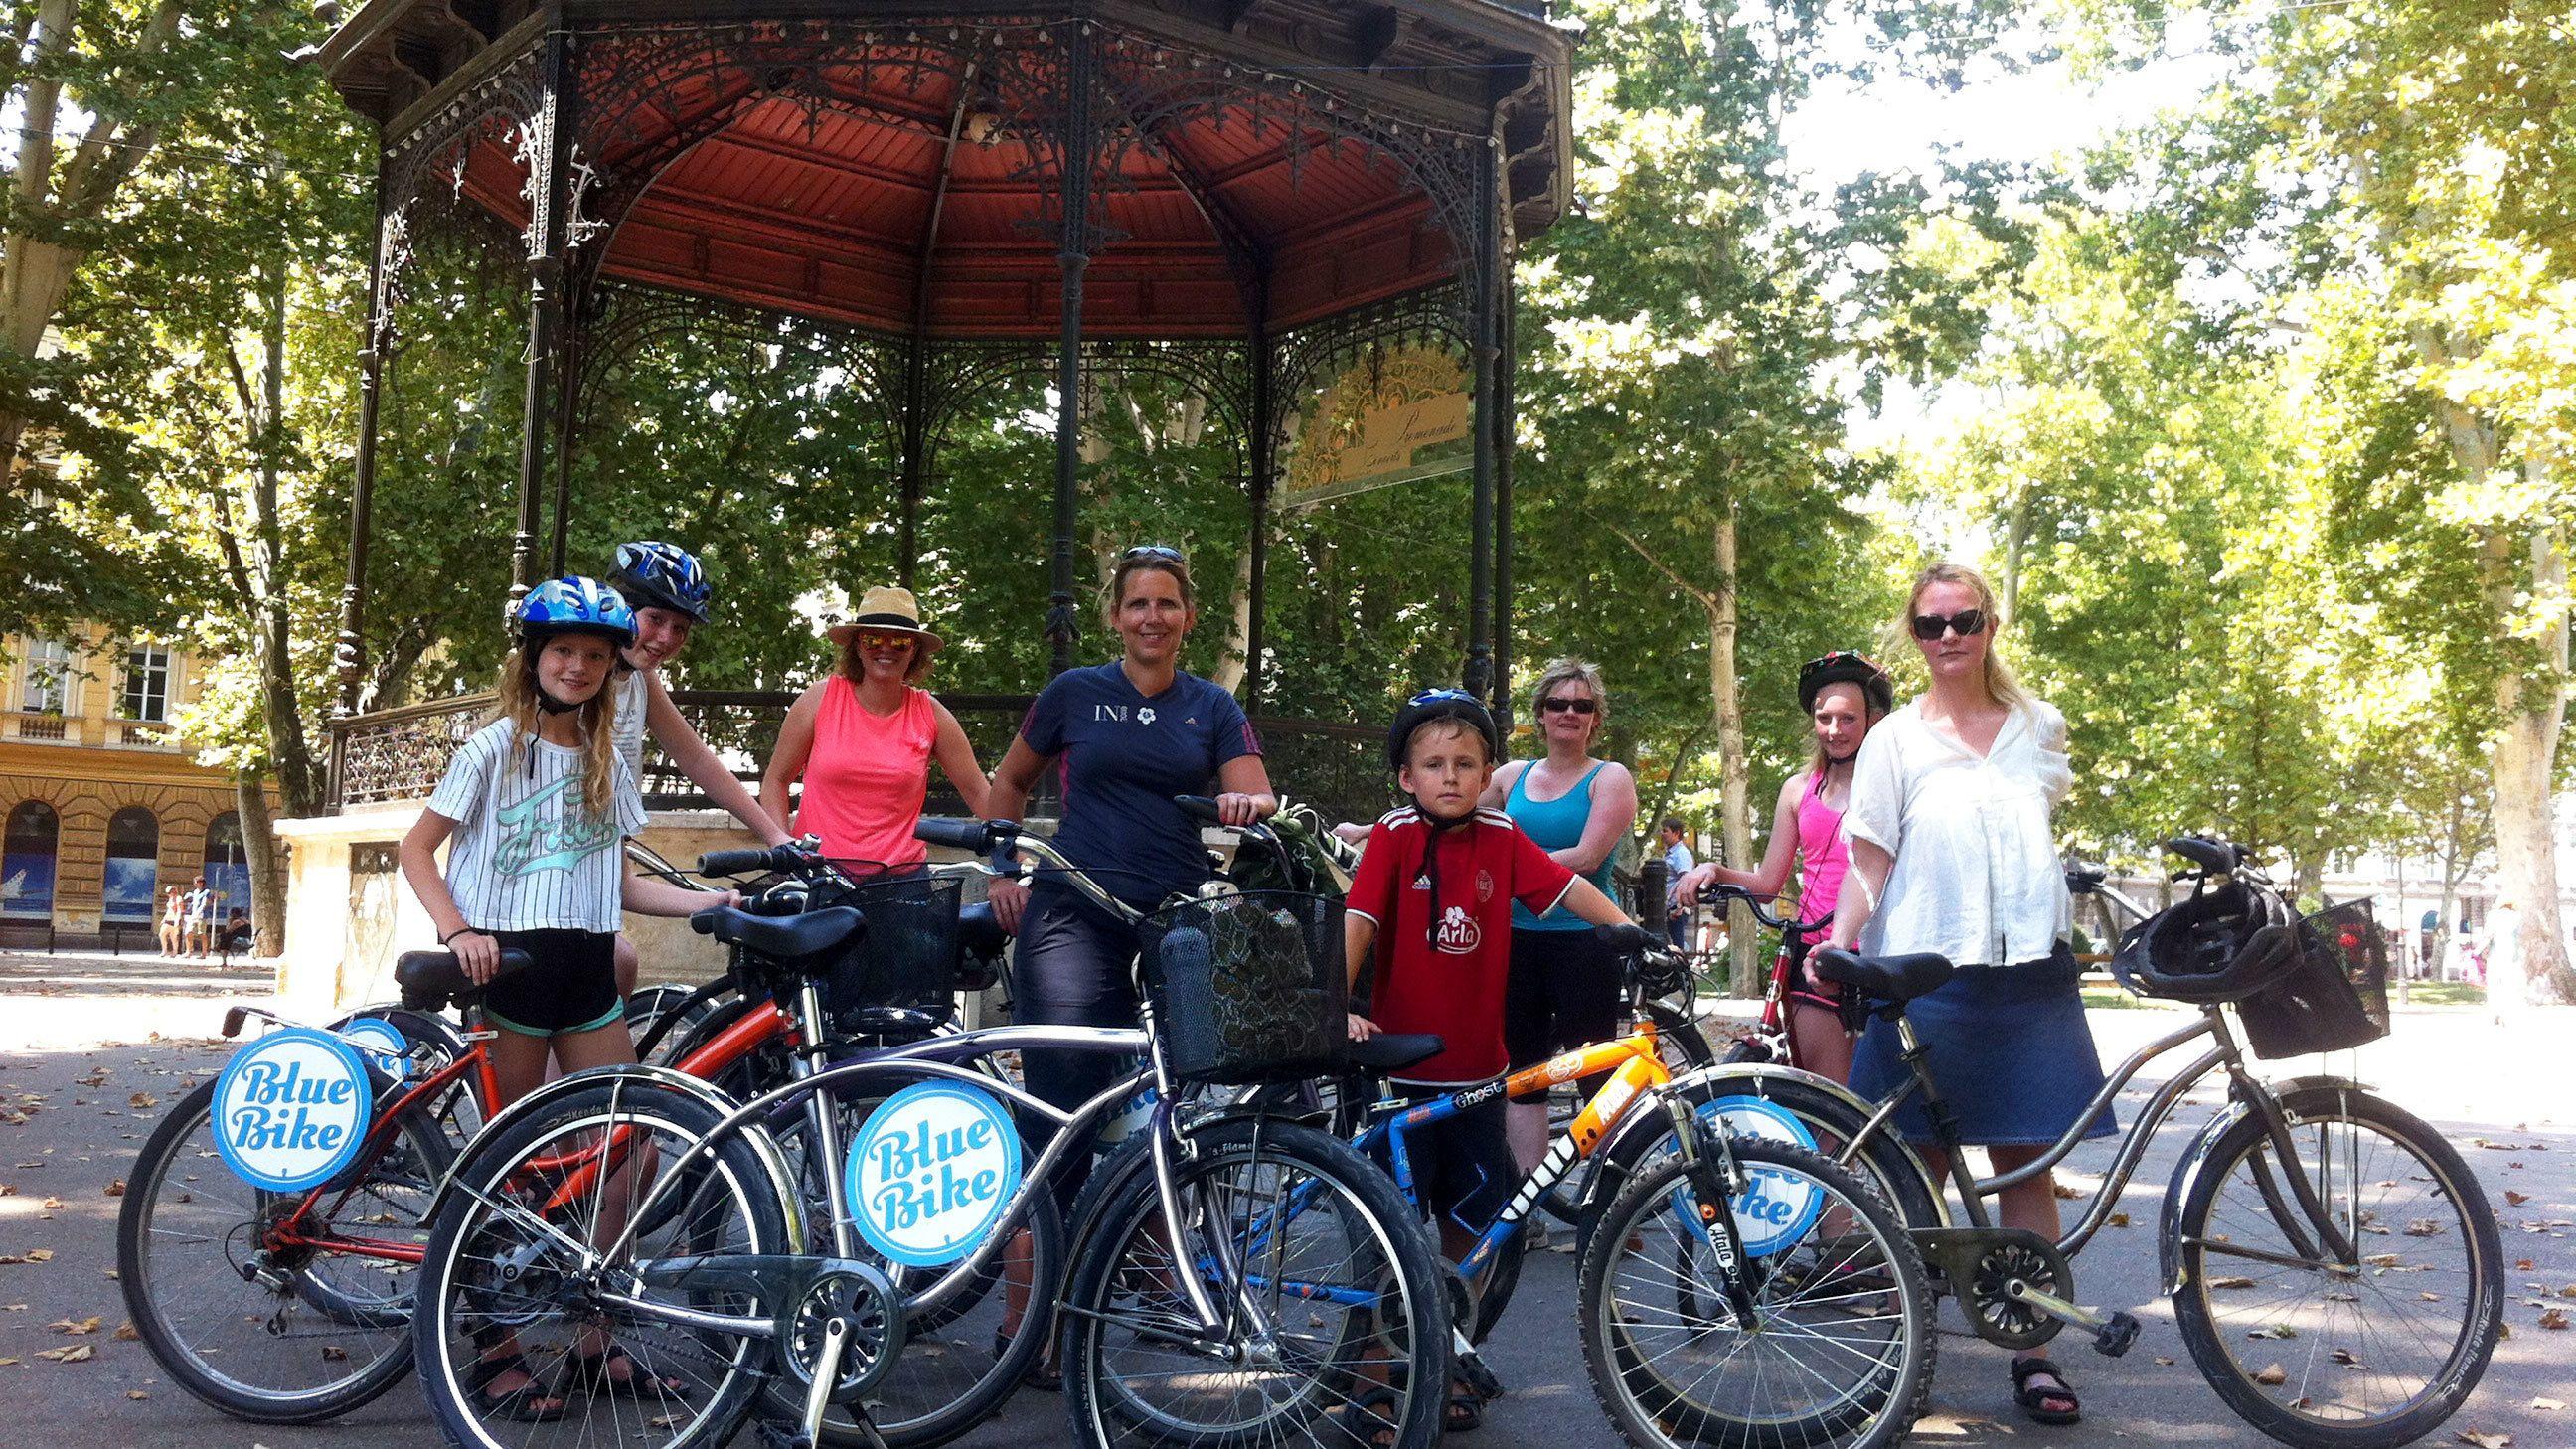 Bike group in front of gazebo in park in Zagreb